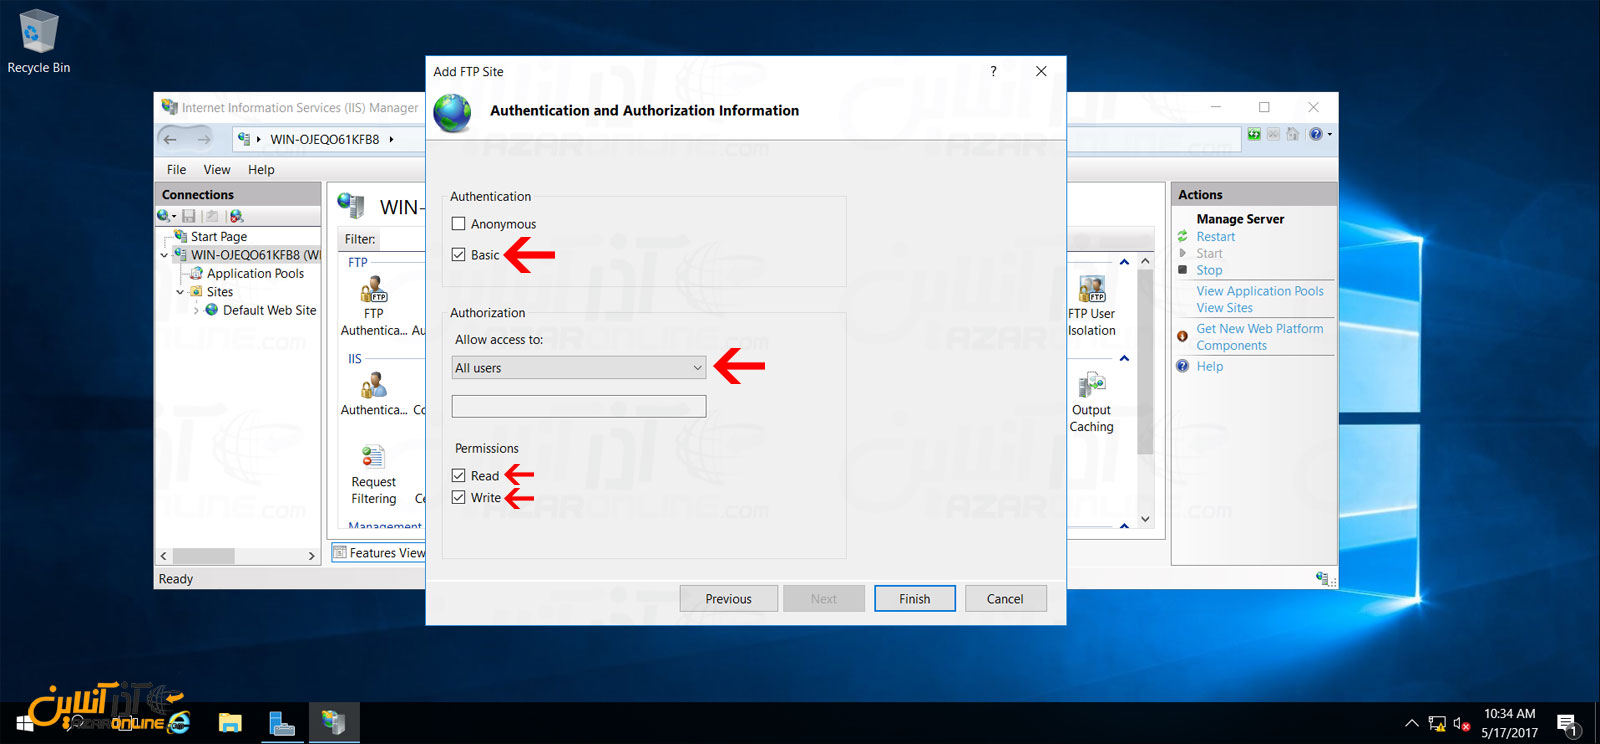 تنظیم Authorization و Authentication سایت FTP